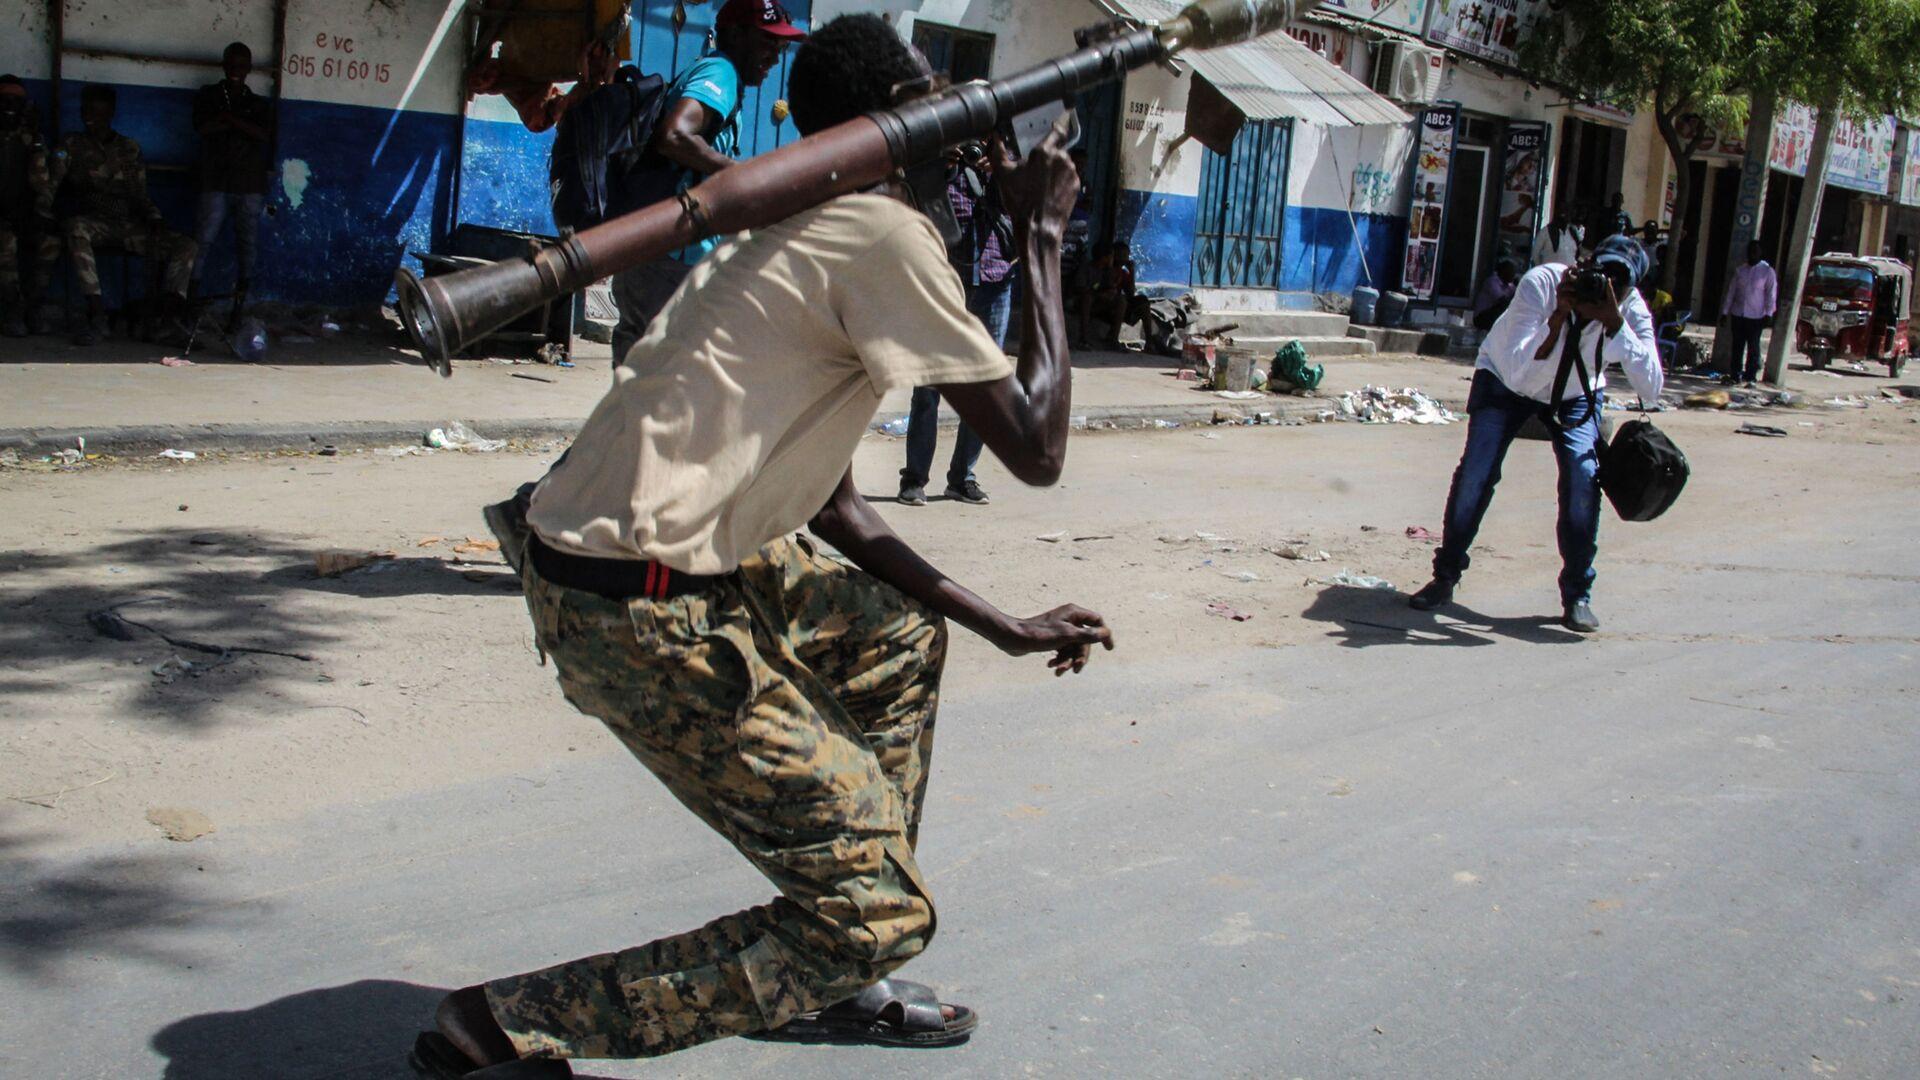 Военнослужащий сомалийских вооруженных сил на улице в Могадишо, Сомали - Sputnik Italia, 1920, 25.09.2021